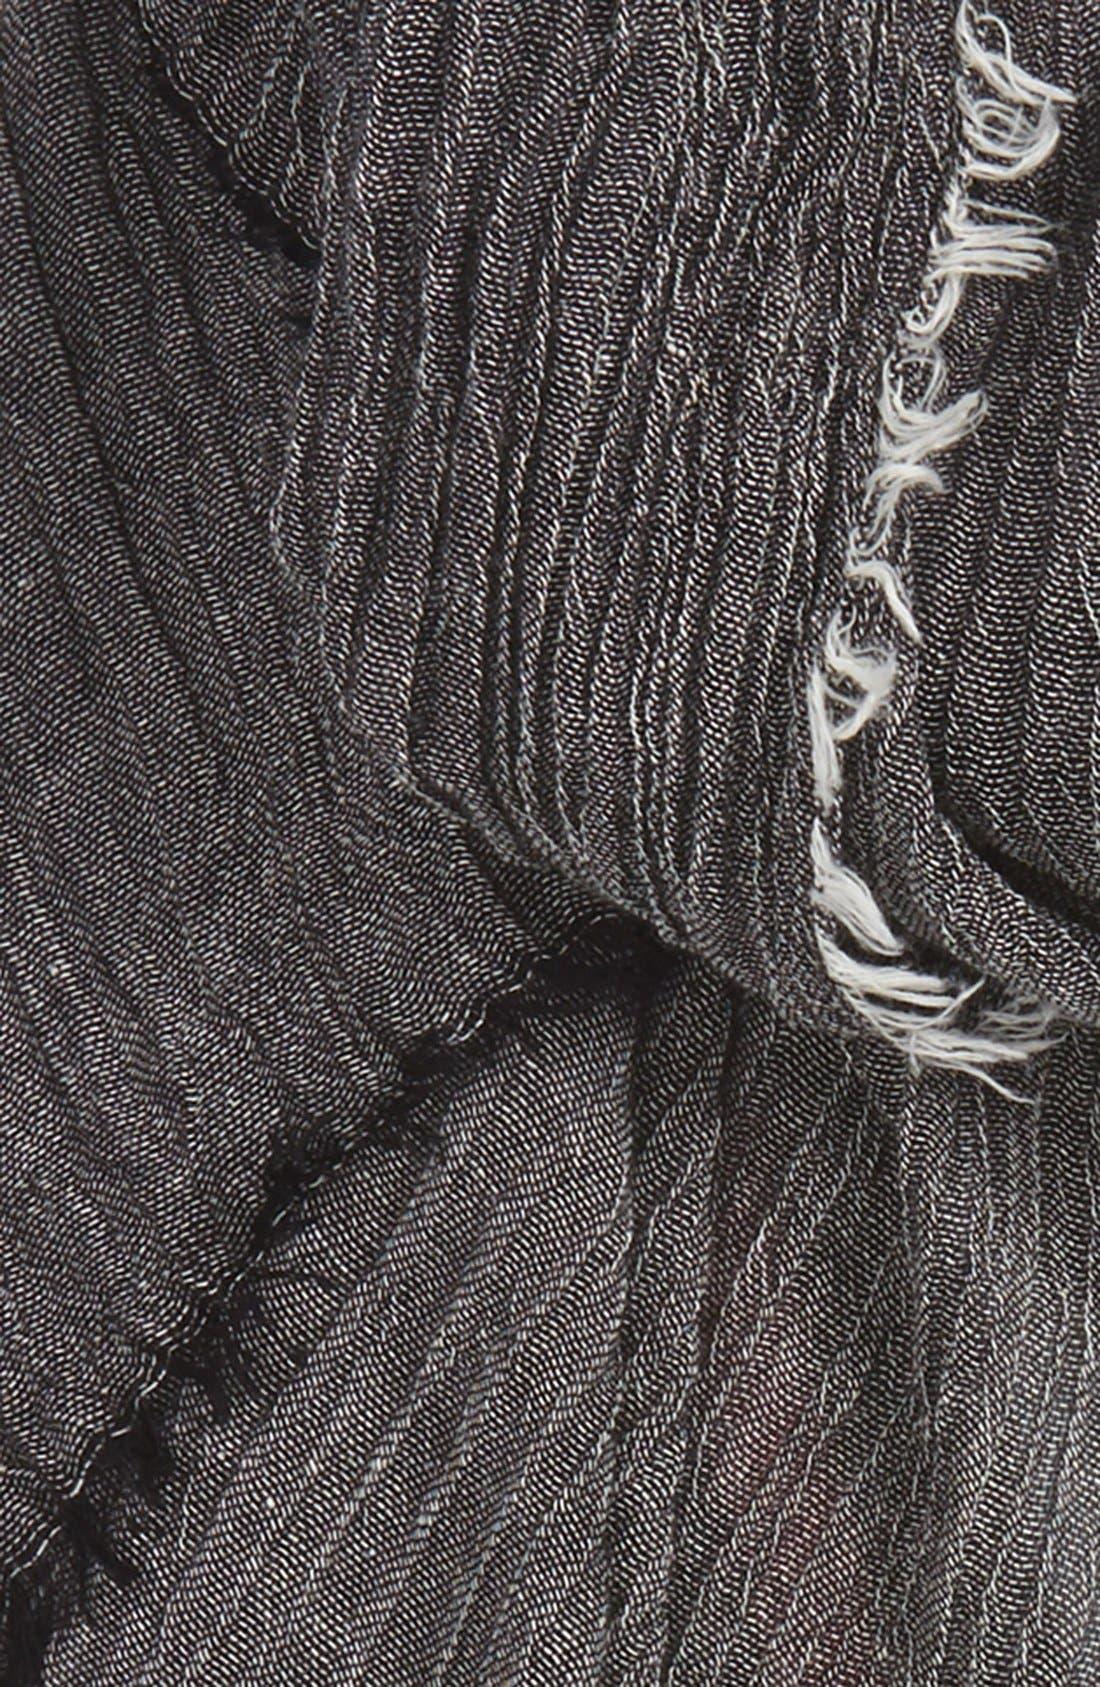 Alternate Image 3  - Renee's Accessories Stripe Crinkle Scarf